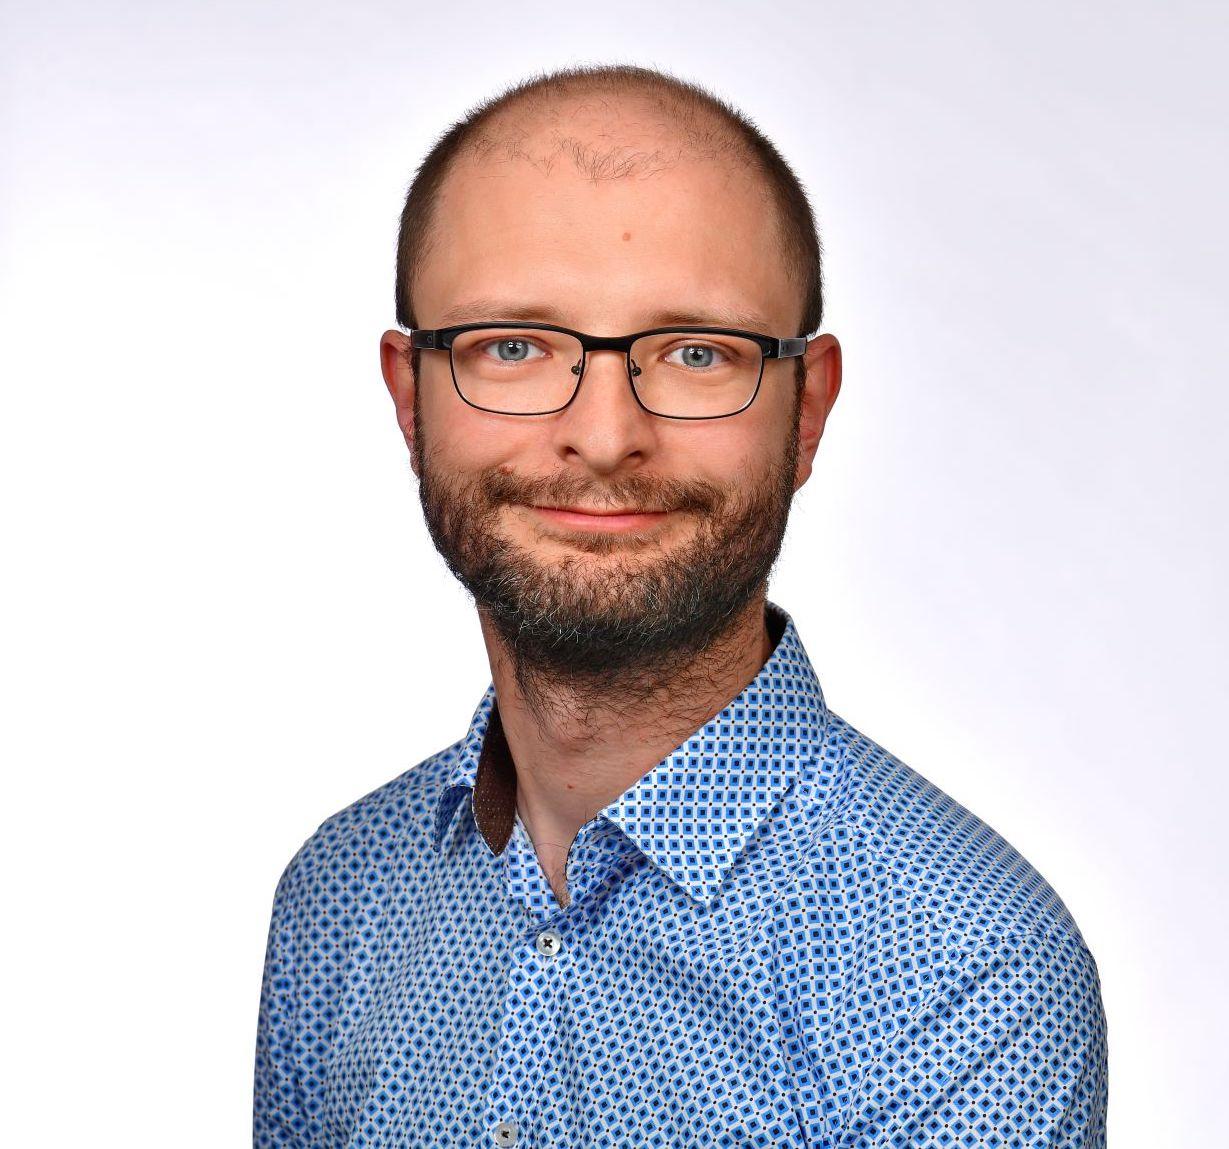 Krzysztof Cipora